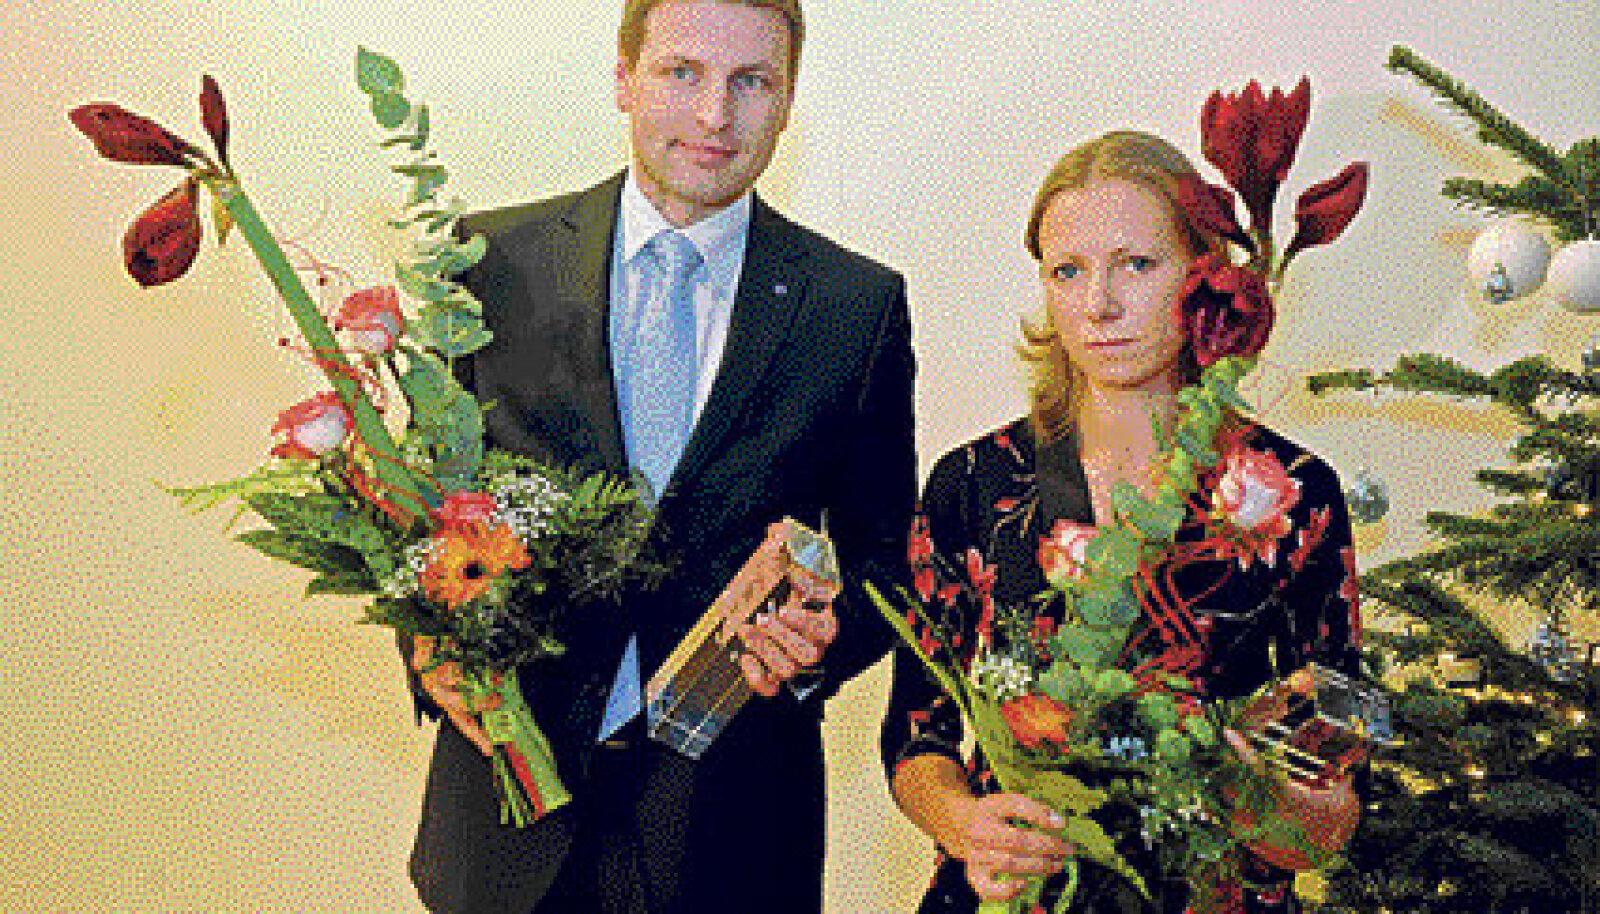 Liikumispuudega laste toetusfondi eestvedaja Sirli Jassov koos sotsiaalminister Hanno Pevkuriga